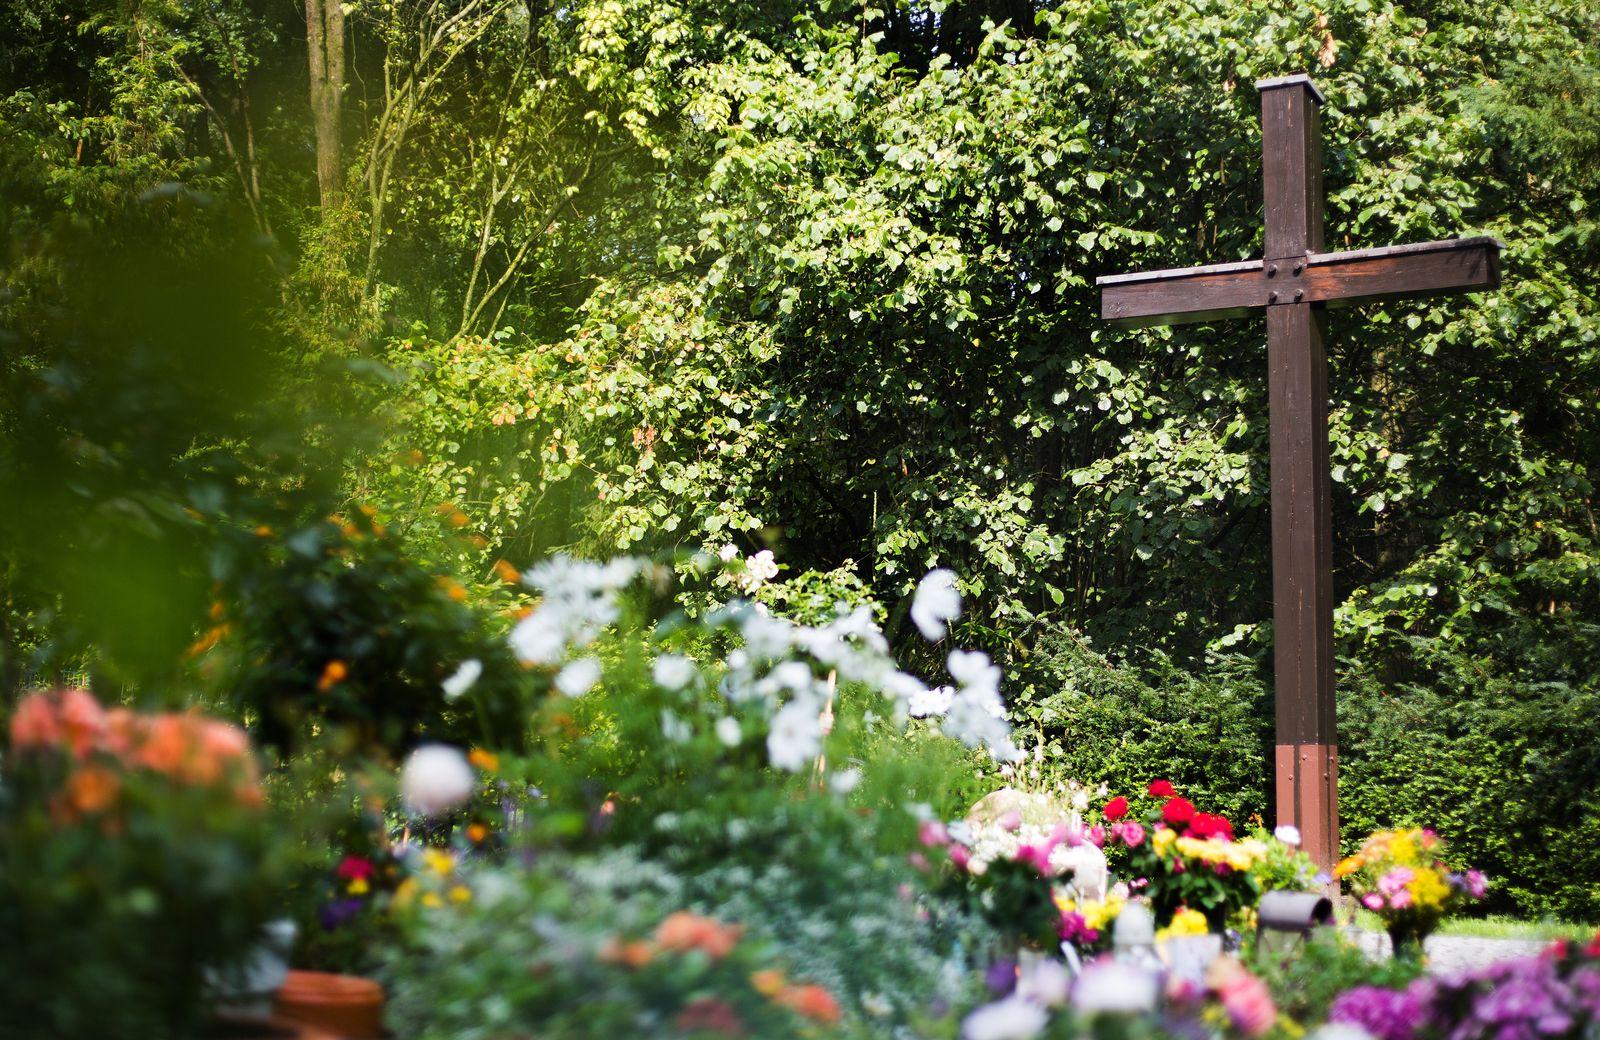 Haltern Am See / Friedhof / Gedenkstätte / Germanwings